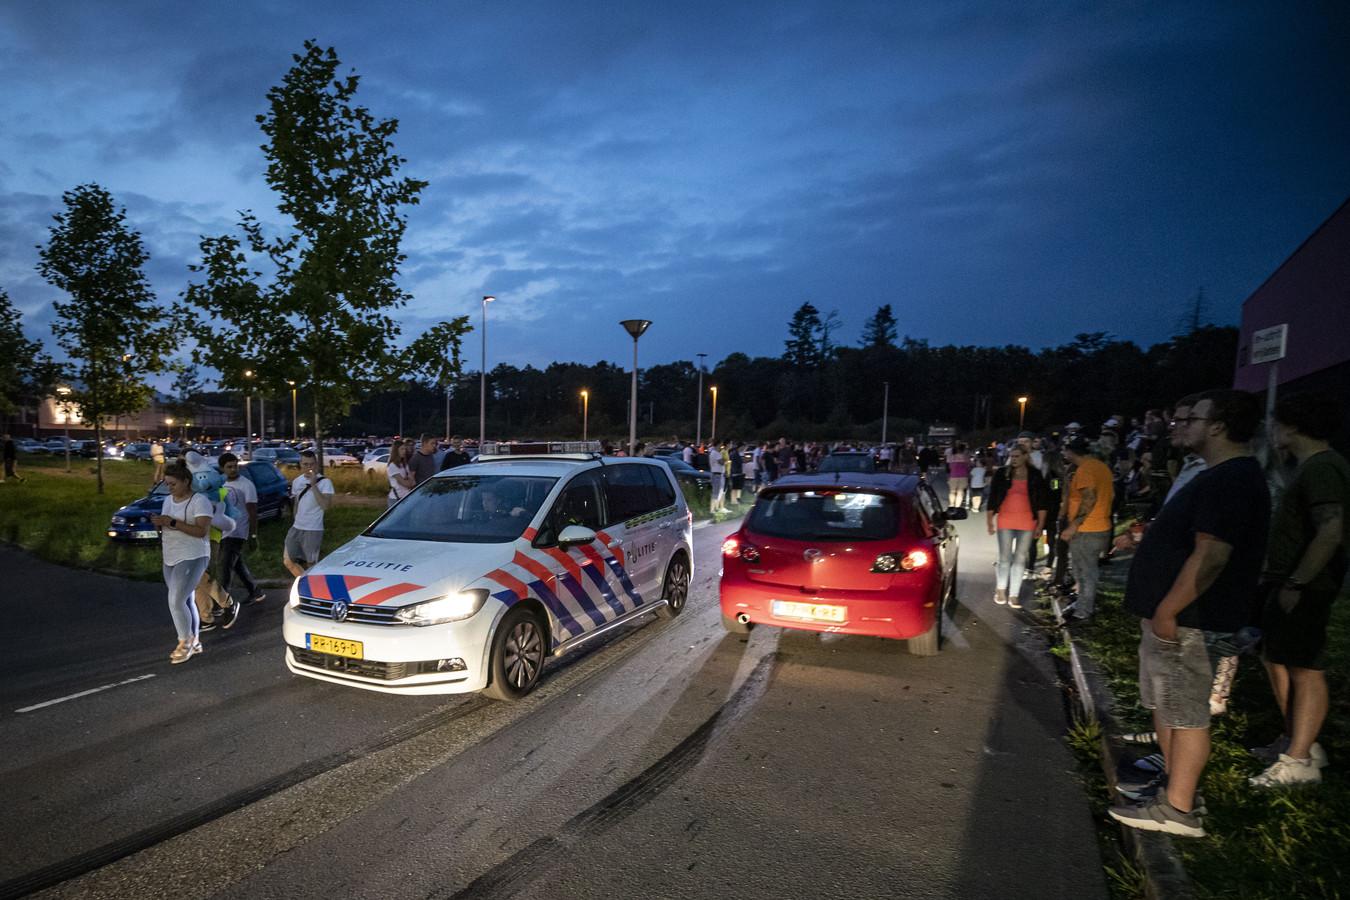 Rond 22.00 uur, als het hoogtepunt van de carmeeting nadert, rijdt een politiewagen een rondje over de parkeerplaats van IJsbaan Twente.